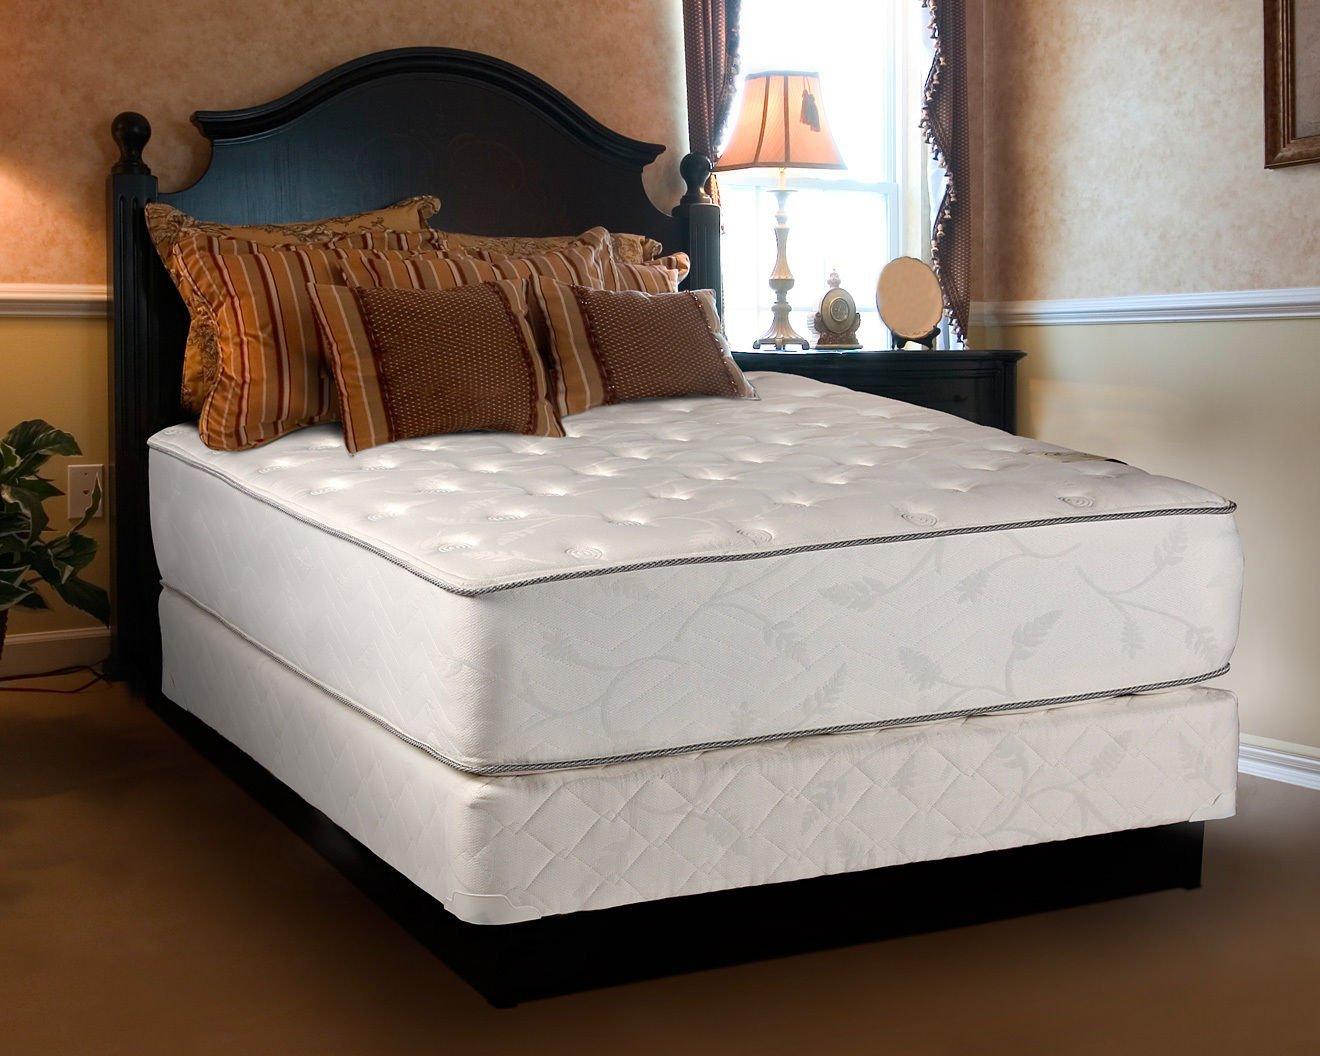 mattress store ny ny mattress brooklyn mattress store queens ny